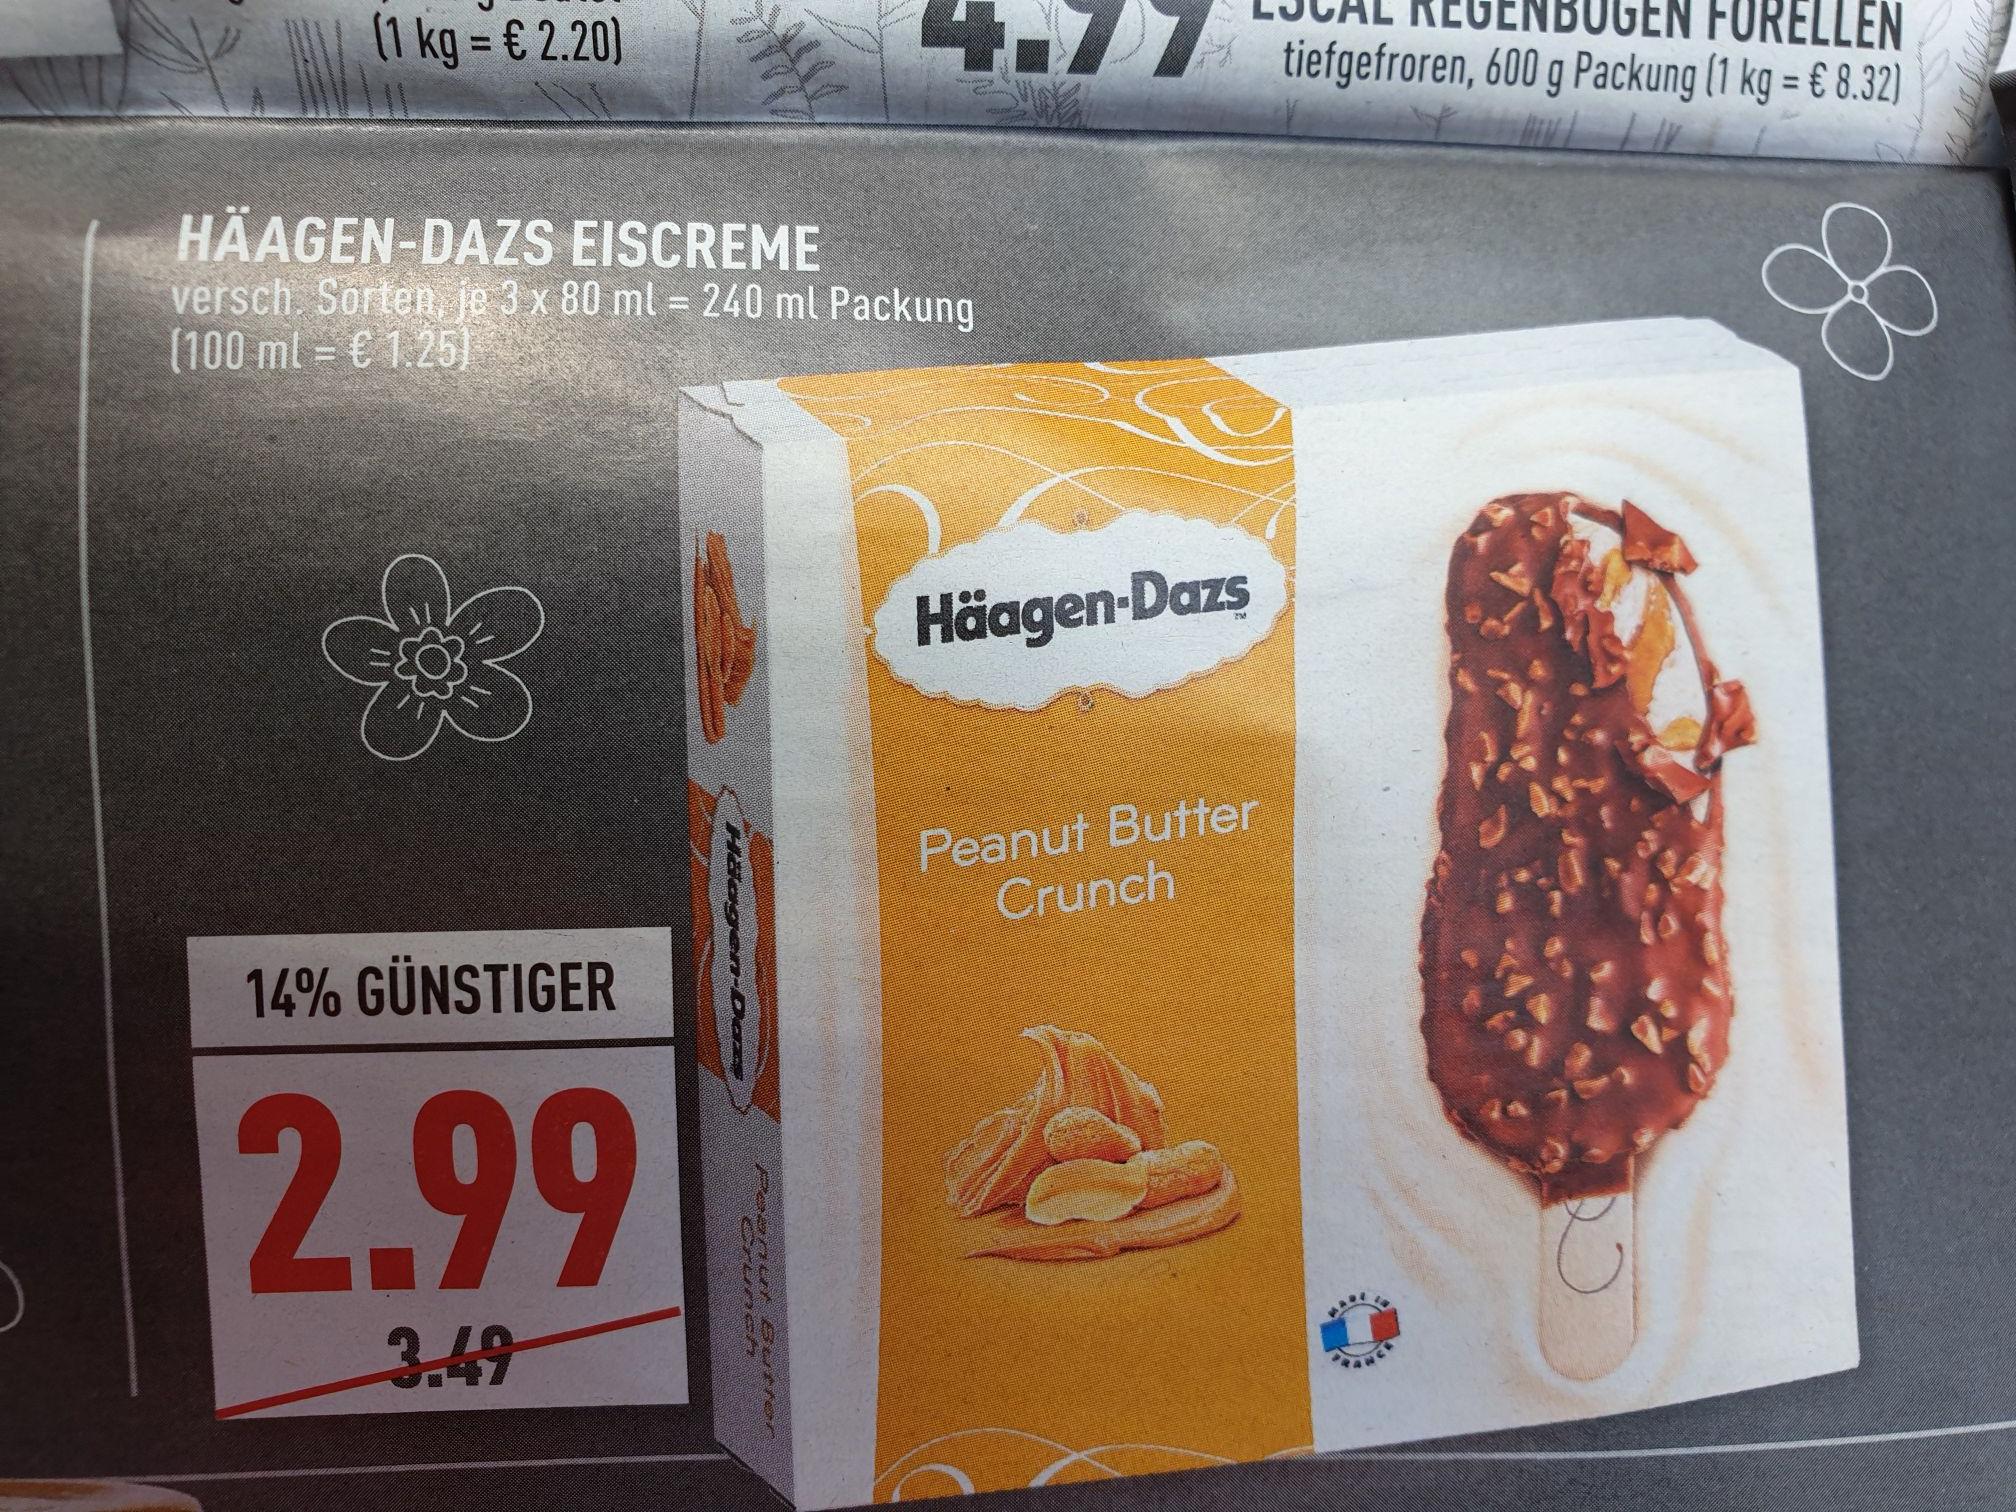 Marktkauf (evtl. lokal) Häagen-Dazs Eiscreme  am Stiel  3 St. für 2,99€